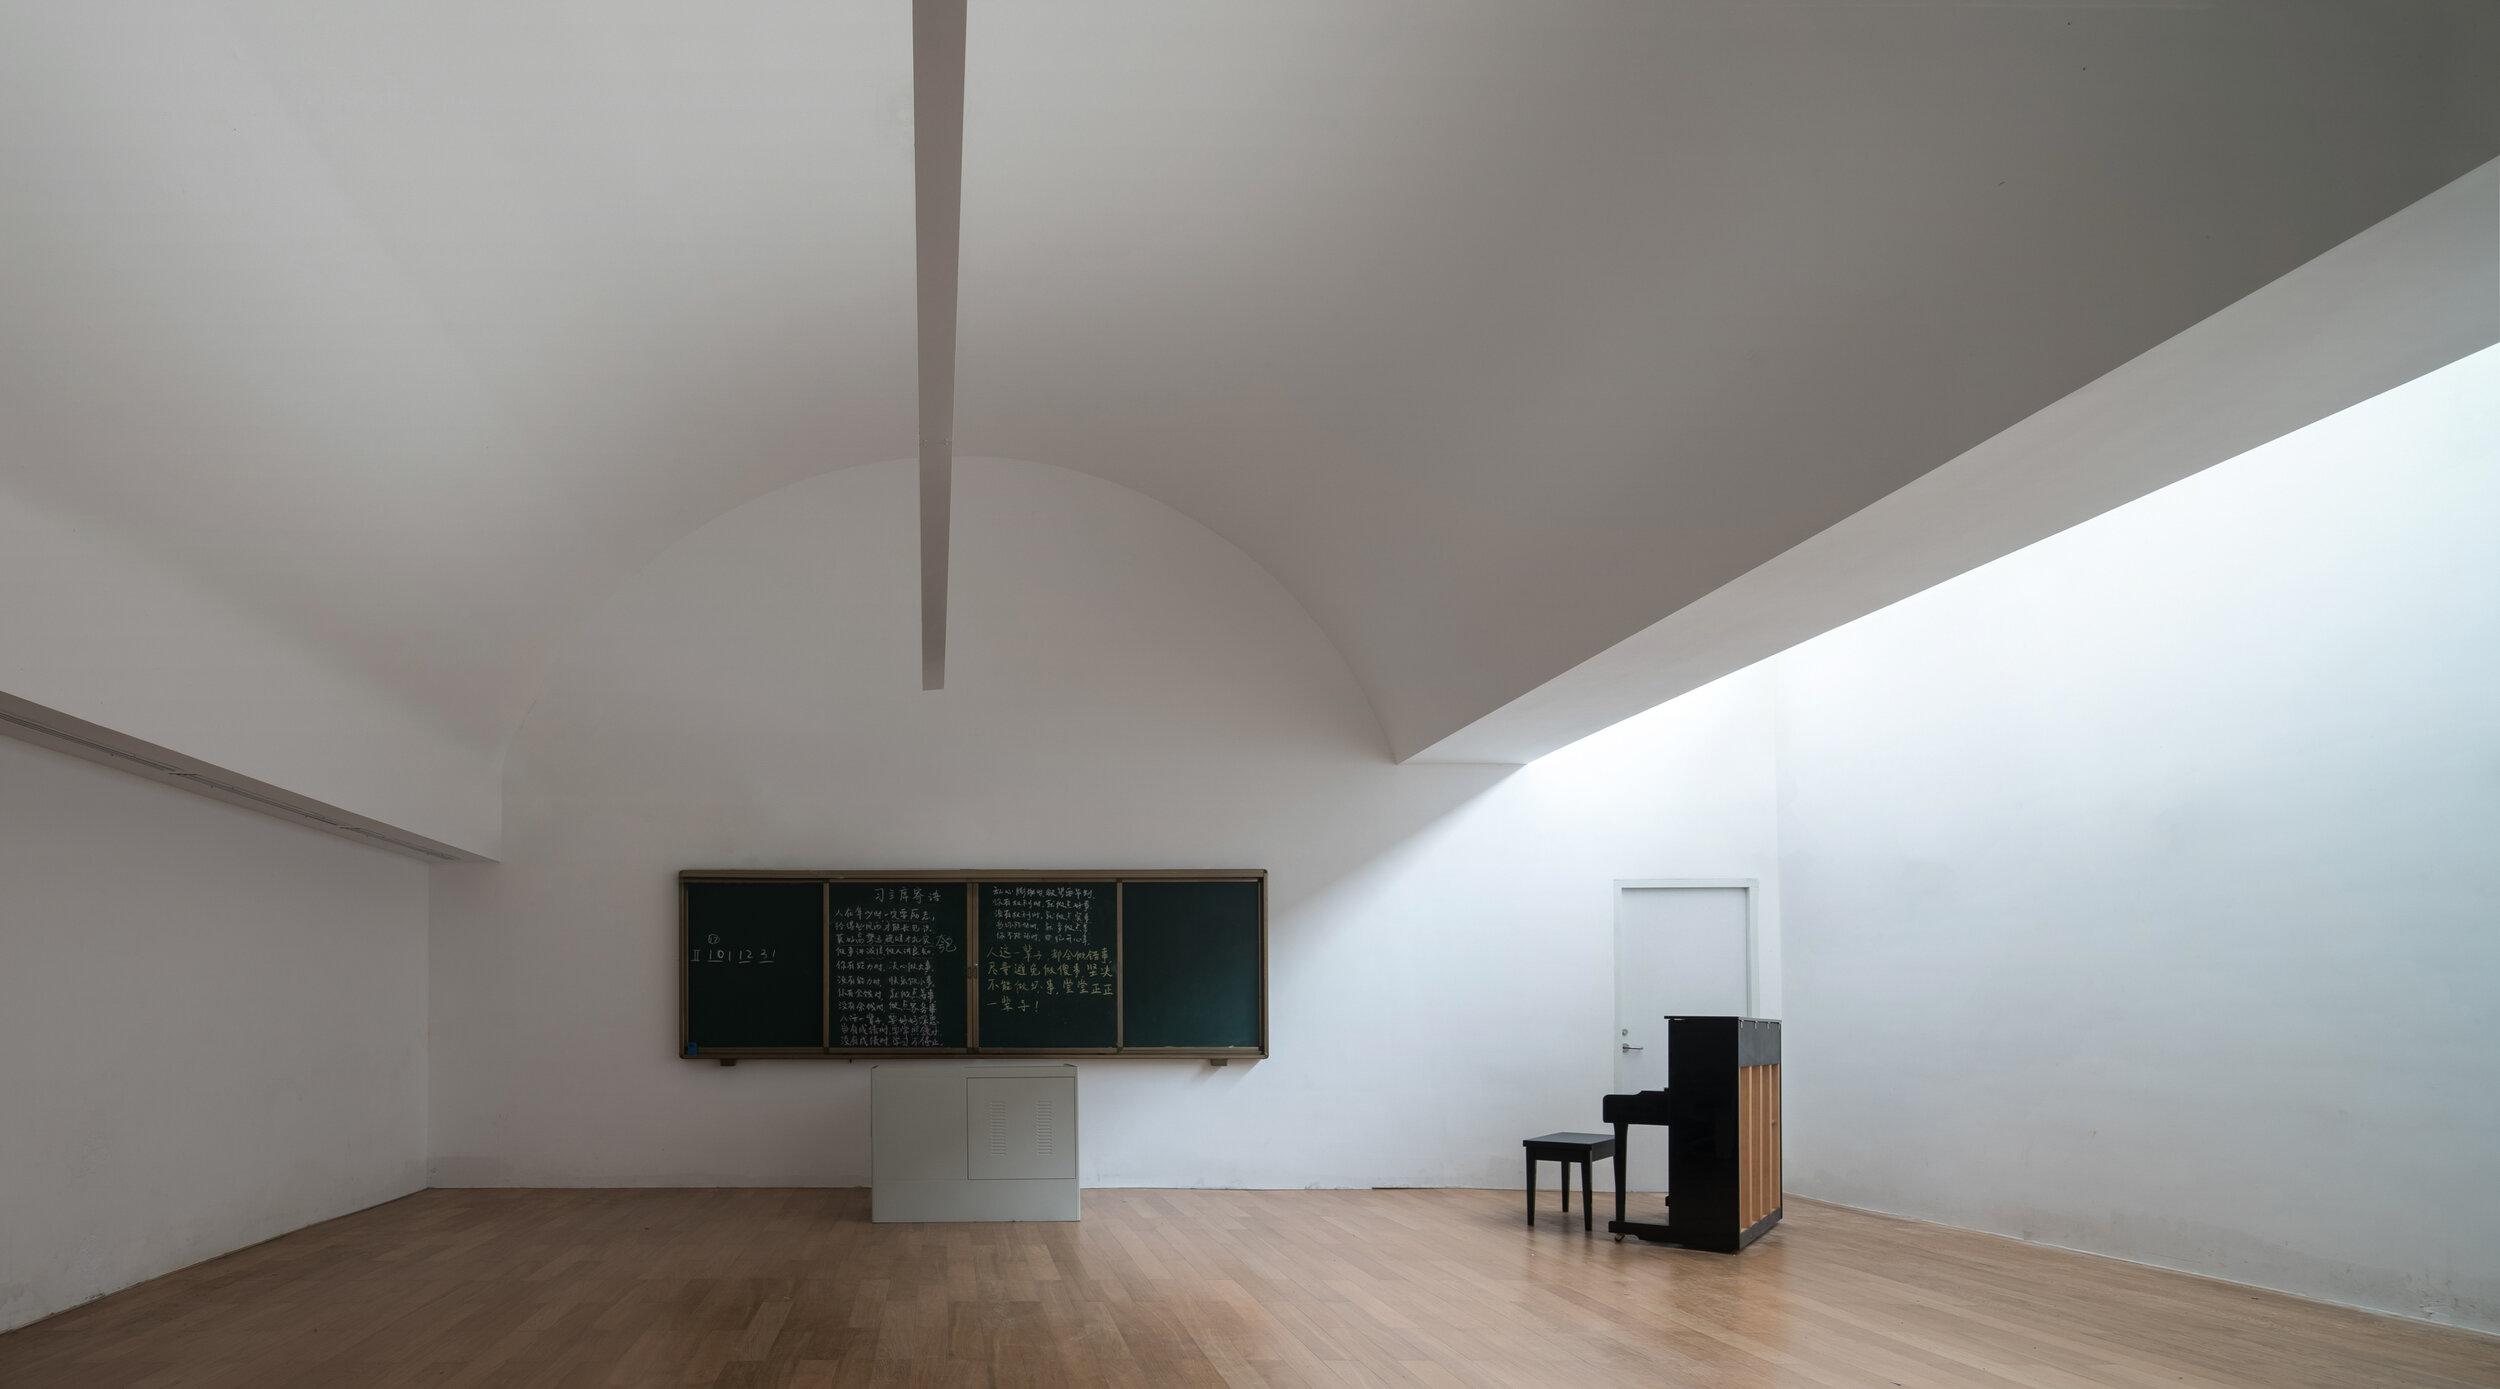 14 音樂教室 ?是然建筑攝影 Music classroom ?Schran Images.jpg